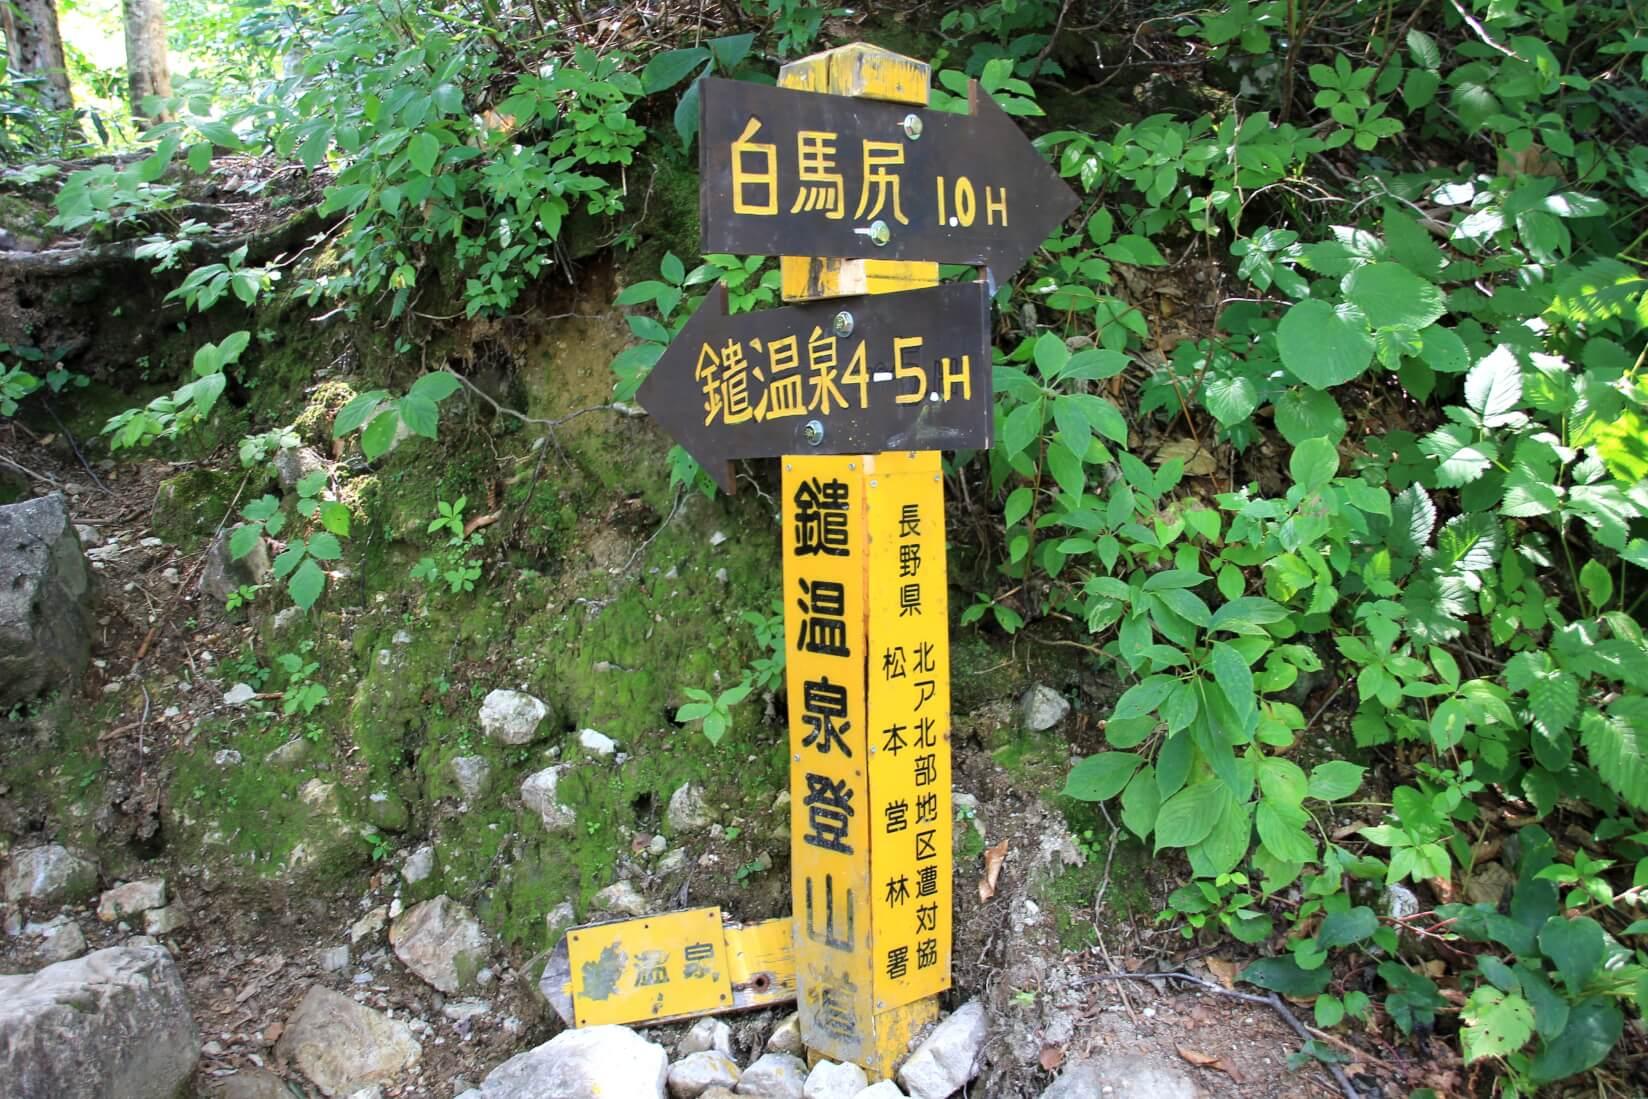 猿倉の鑓温泉登山道入口の分岐